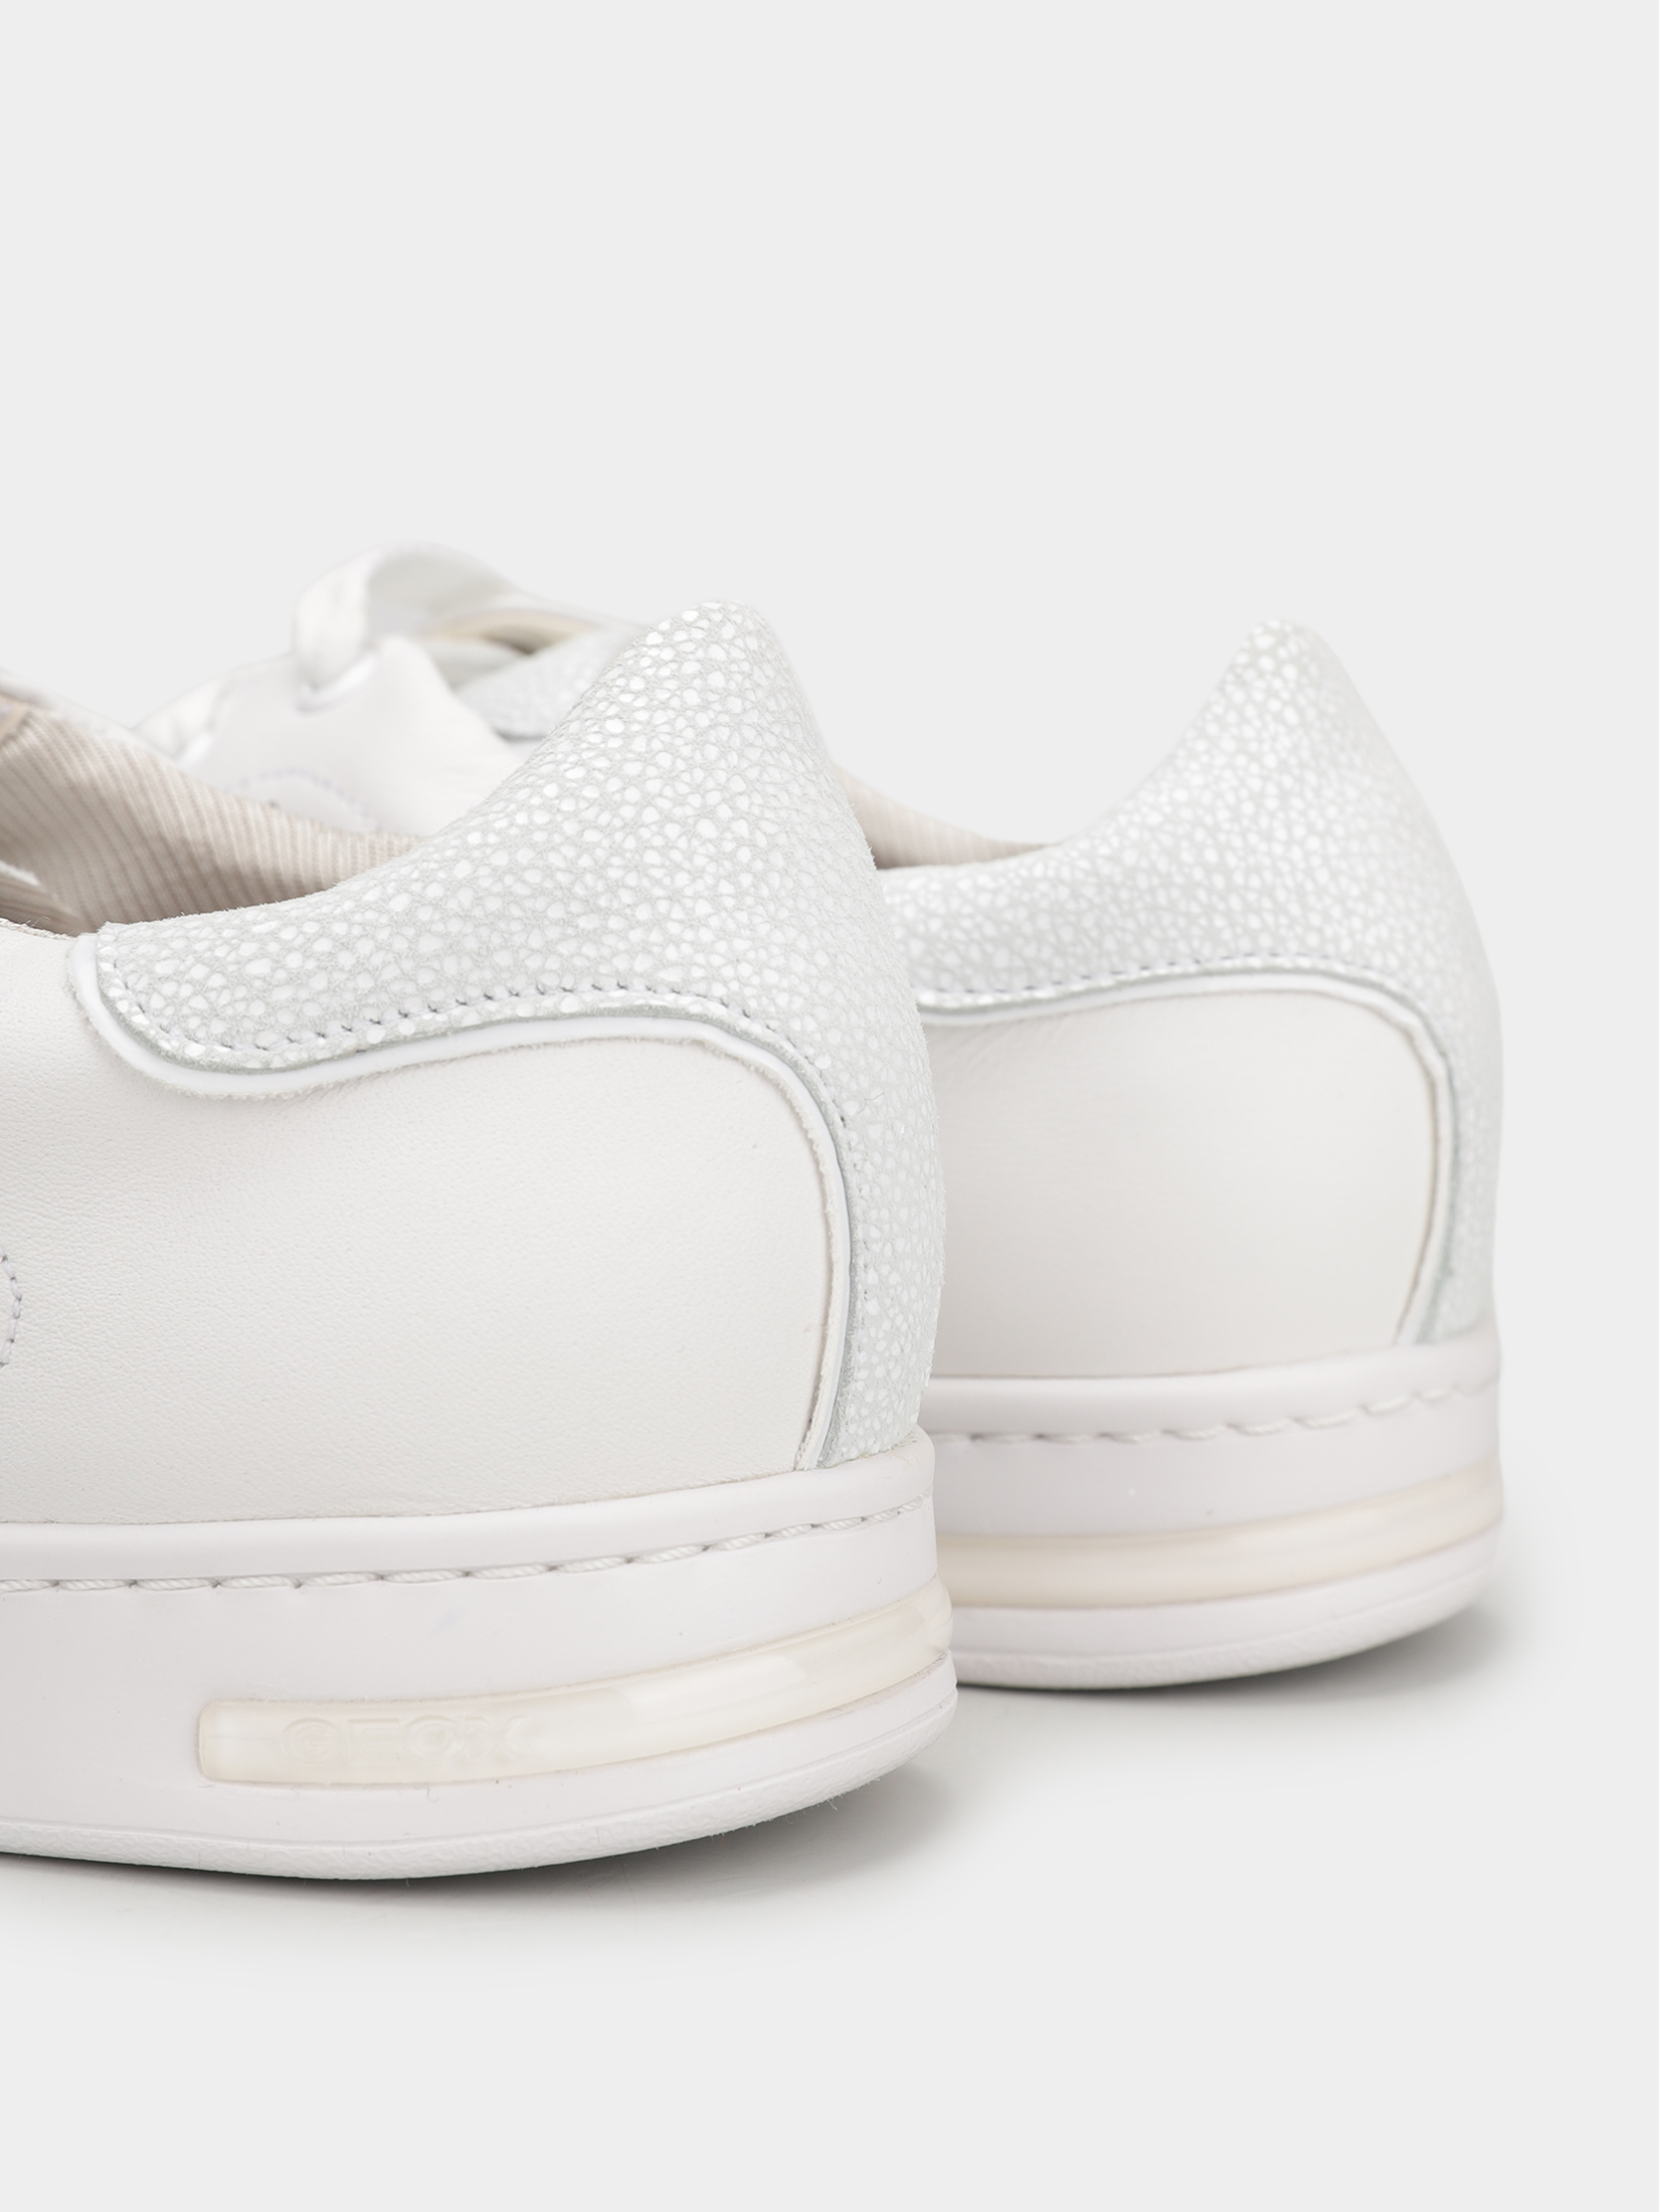 Кроссовки для женщин Geox D JAYSEN A - NAPPA XW3052 брендовая обувь, 2017